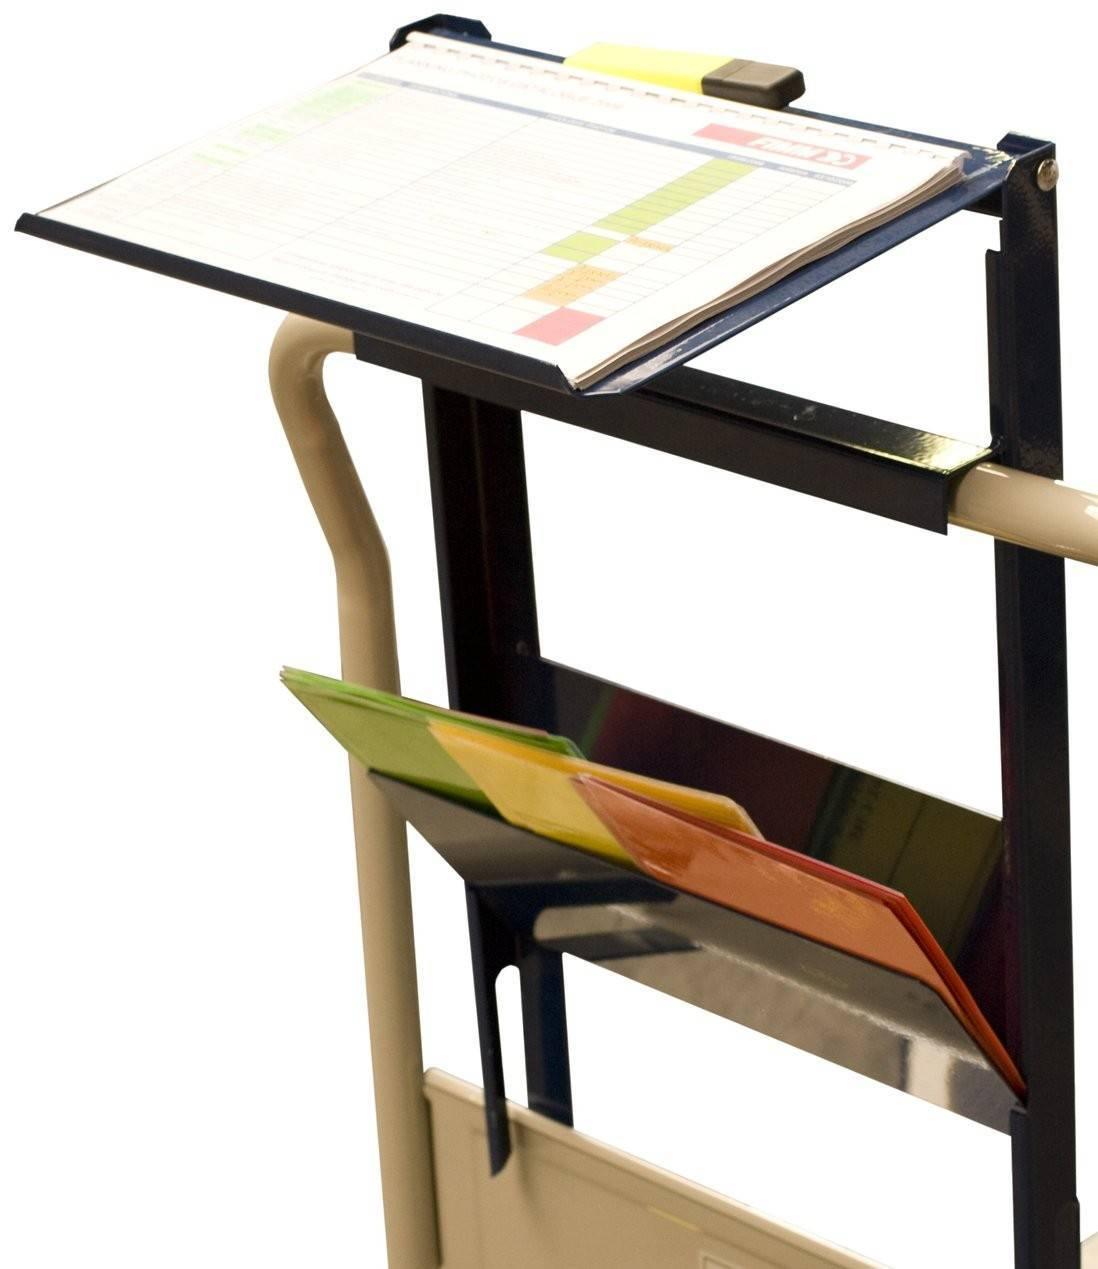 chariot dossier rabattable 500 kg avec frein 699 00 chez mdr. Black Bedroom Furniture Sets. Home Design Ideas